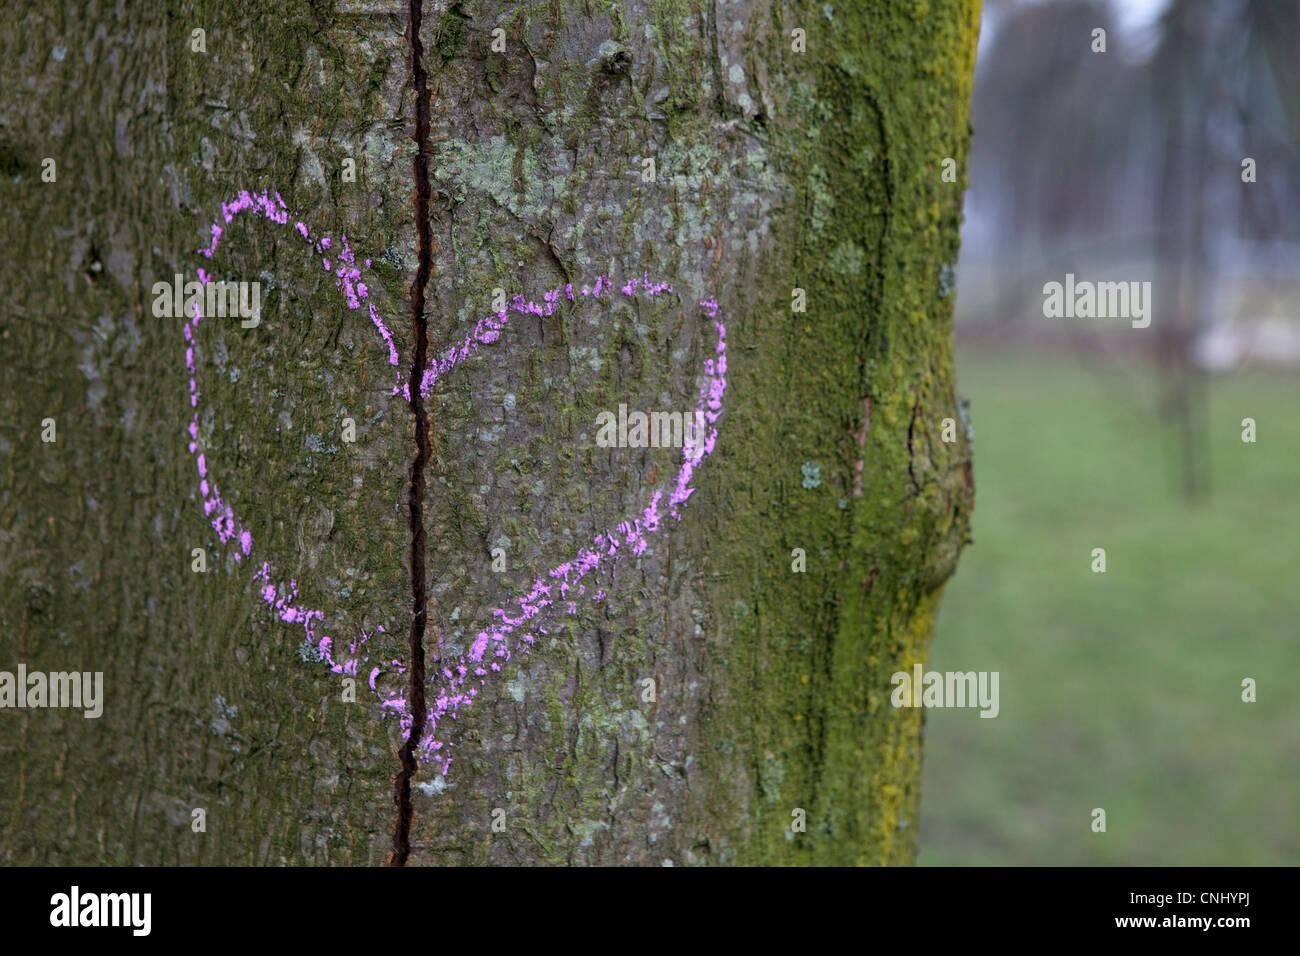 Cuore spezzato disegnato su un tronco di albero Immagini Stock